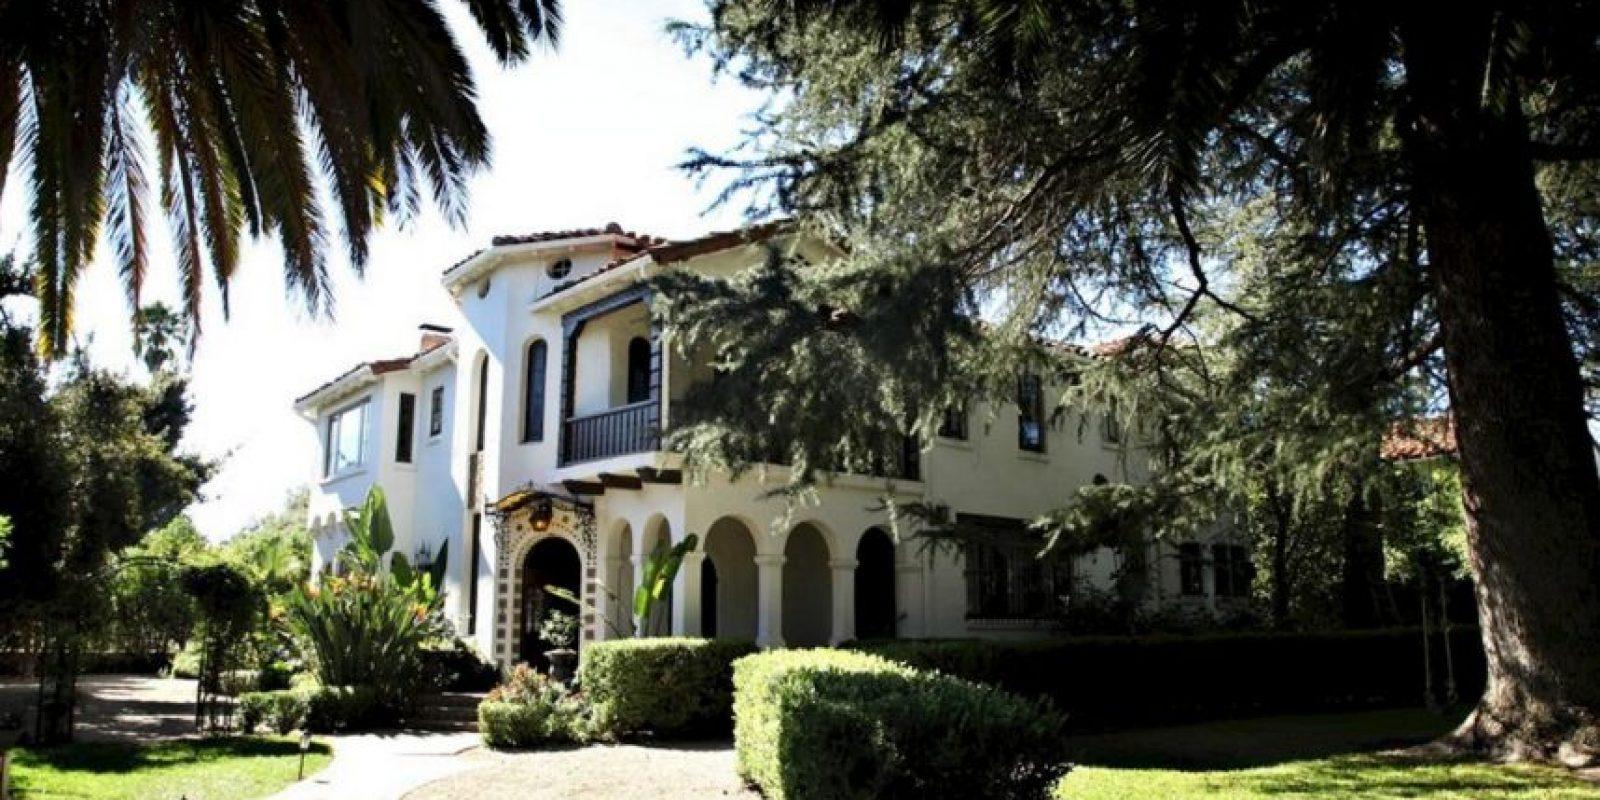 """La dueña de """"Acacia Mansion"""" demanda 30 mil dólares como pago. Foto:vía rentals.vacationrentaldesk.com"""